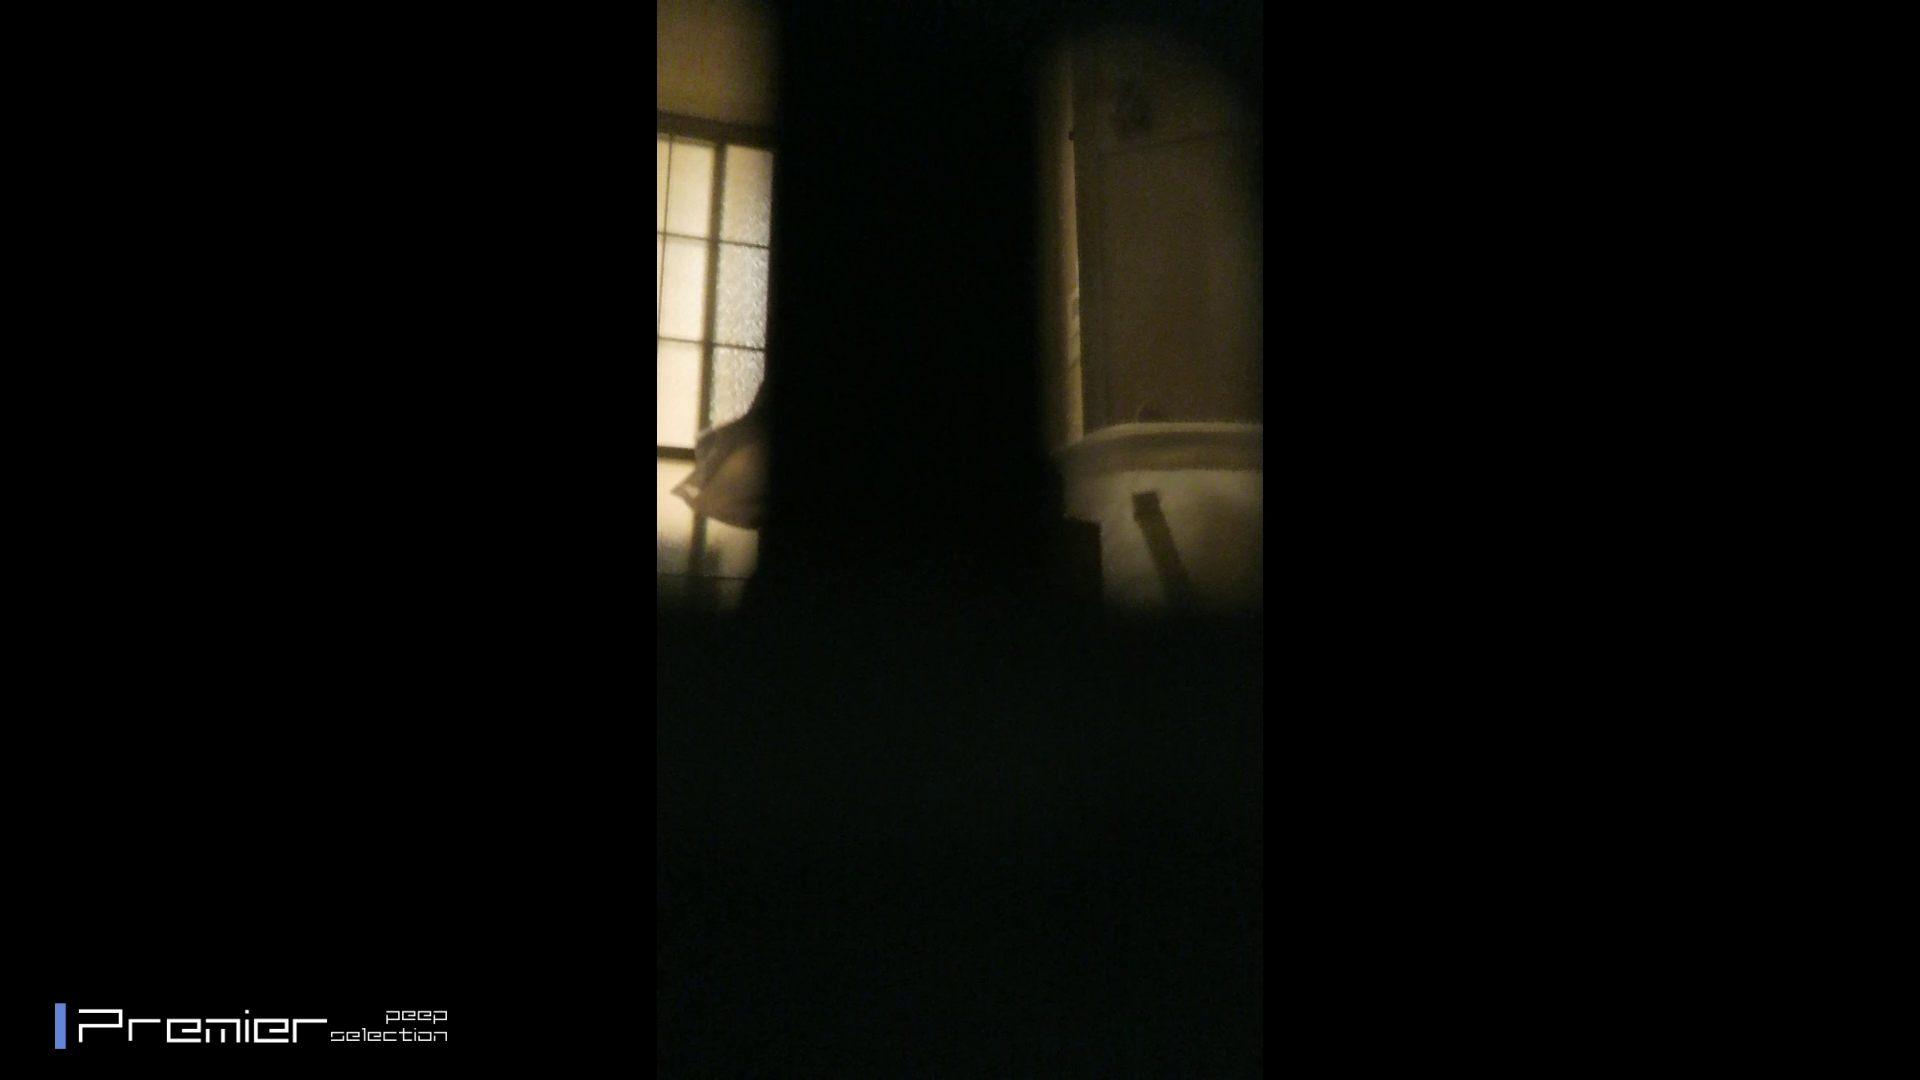 美女達の私生活に潜入!一人暮らし女子大生が見せる入浴前の恥ずかしい姿 高画質 ワレメ無修正動画無料 107画像 42